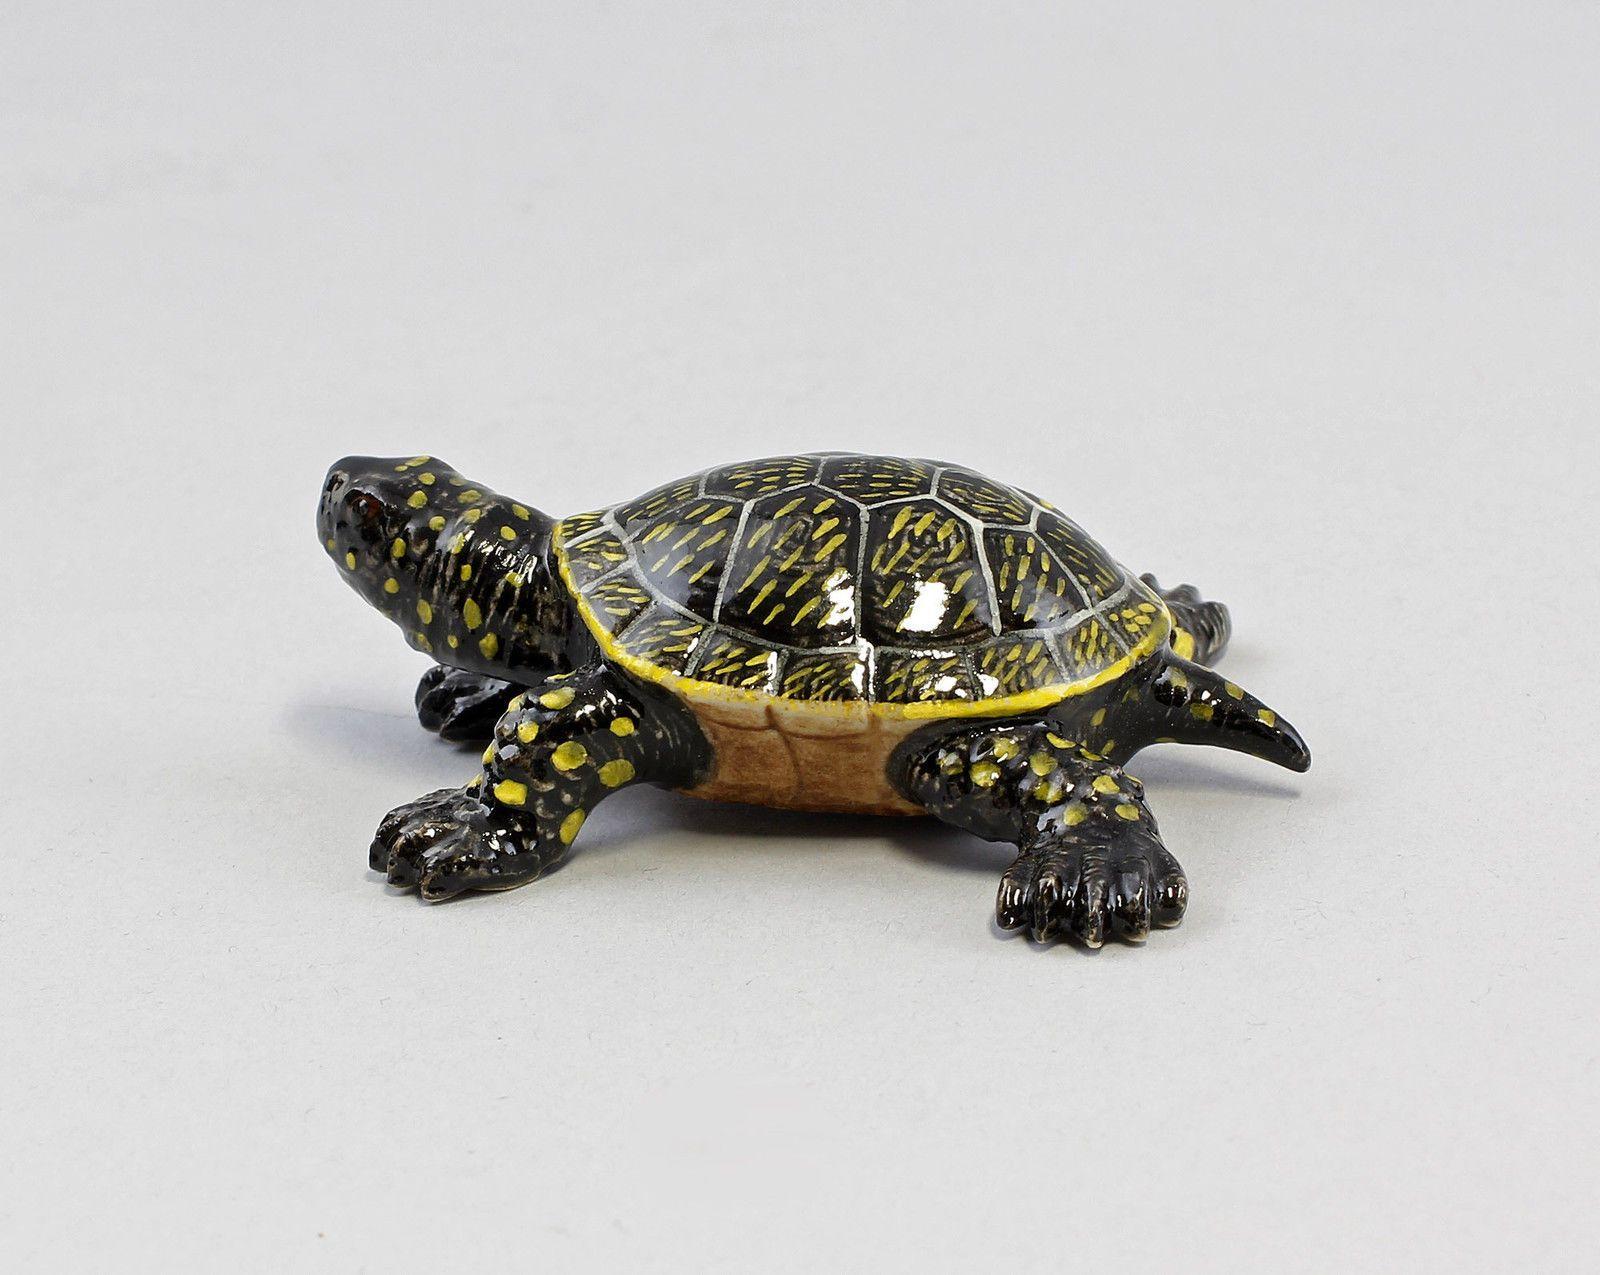 наталья черепахи из фарфора италия фото при